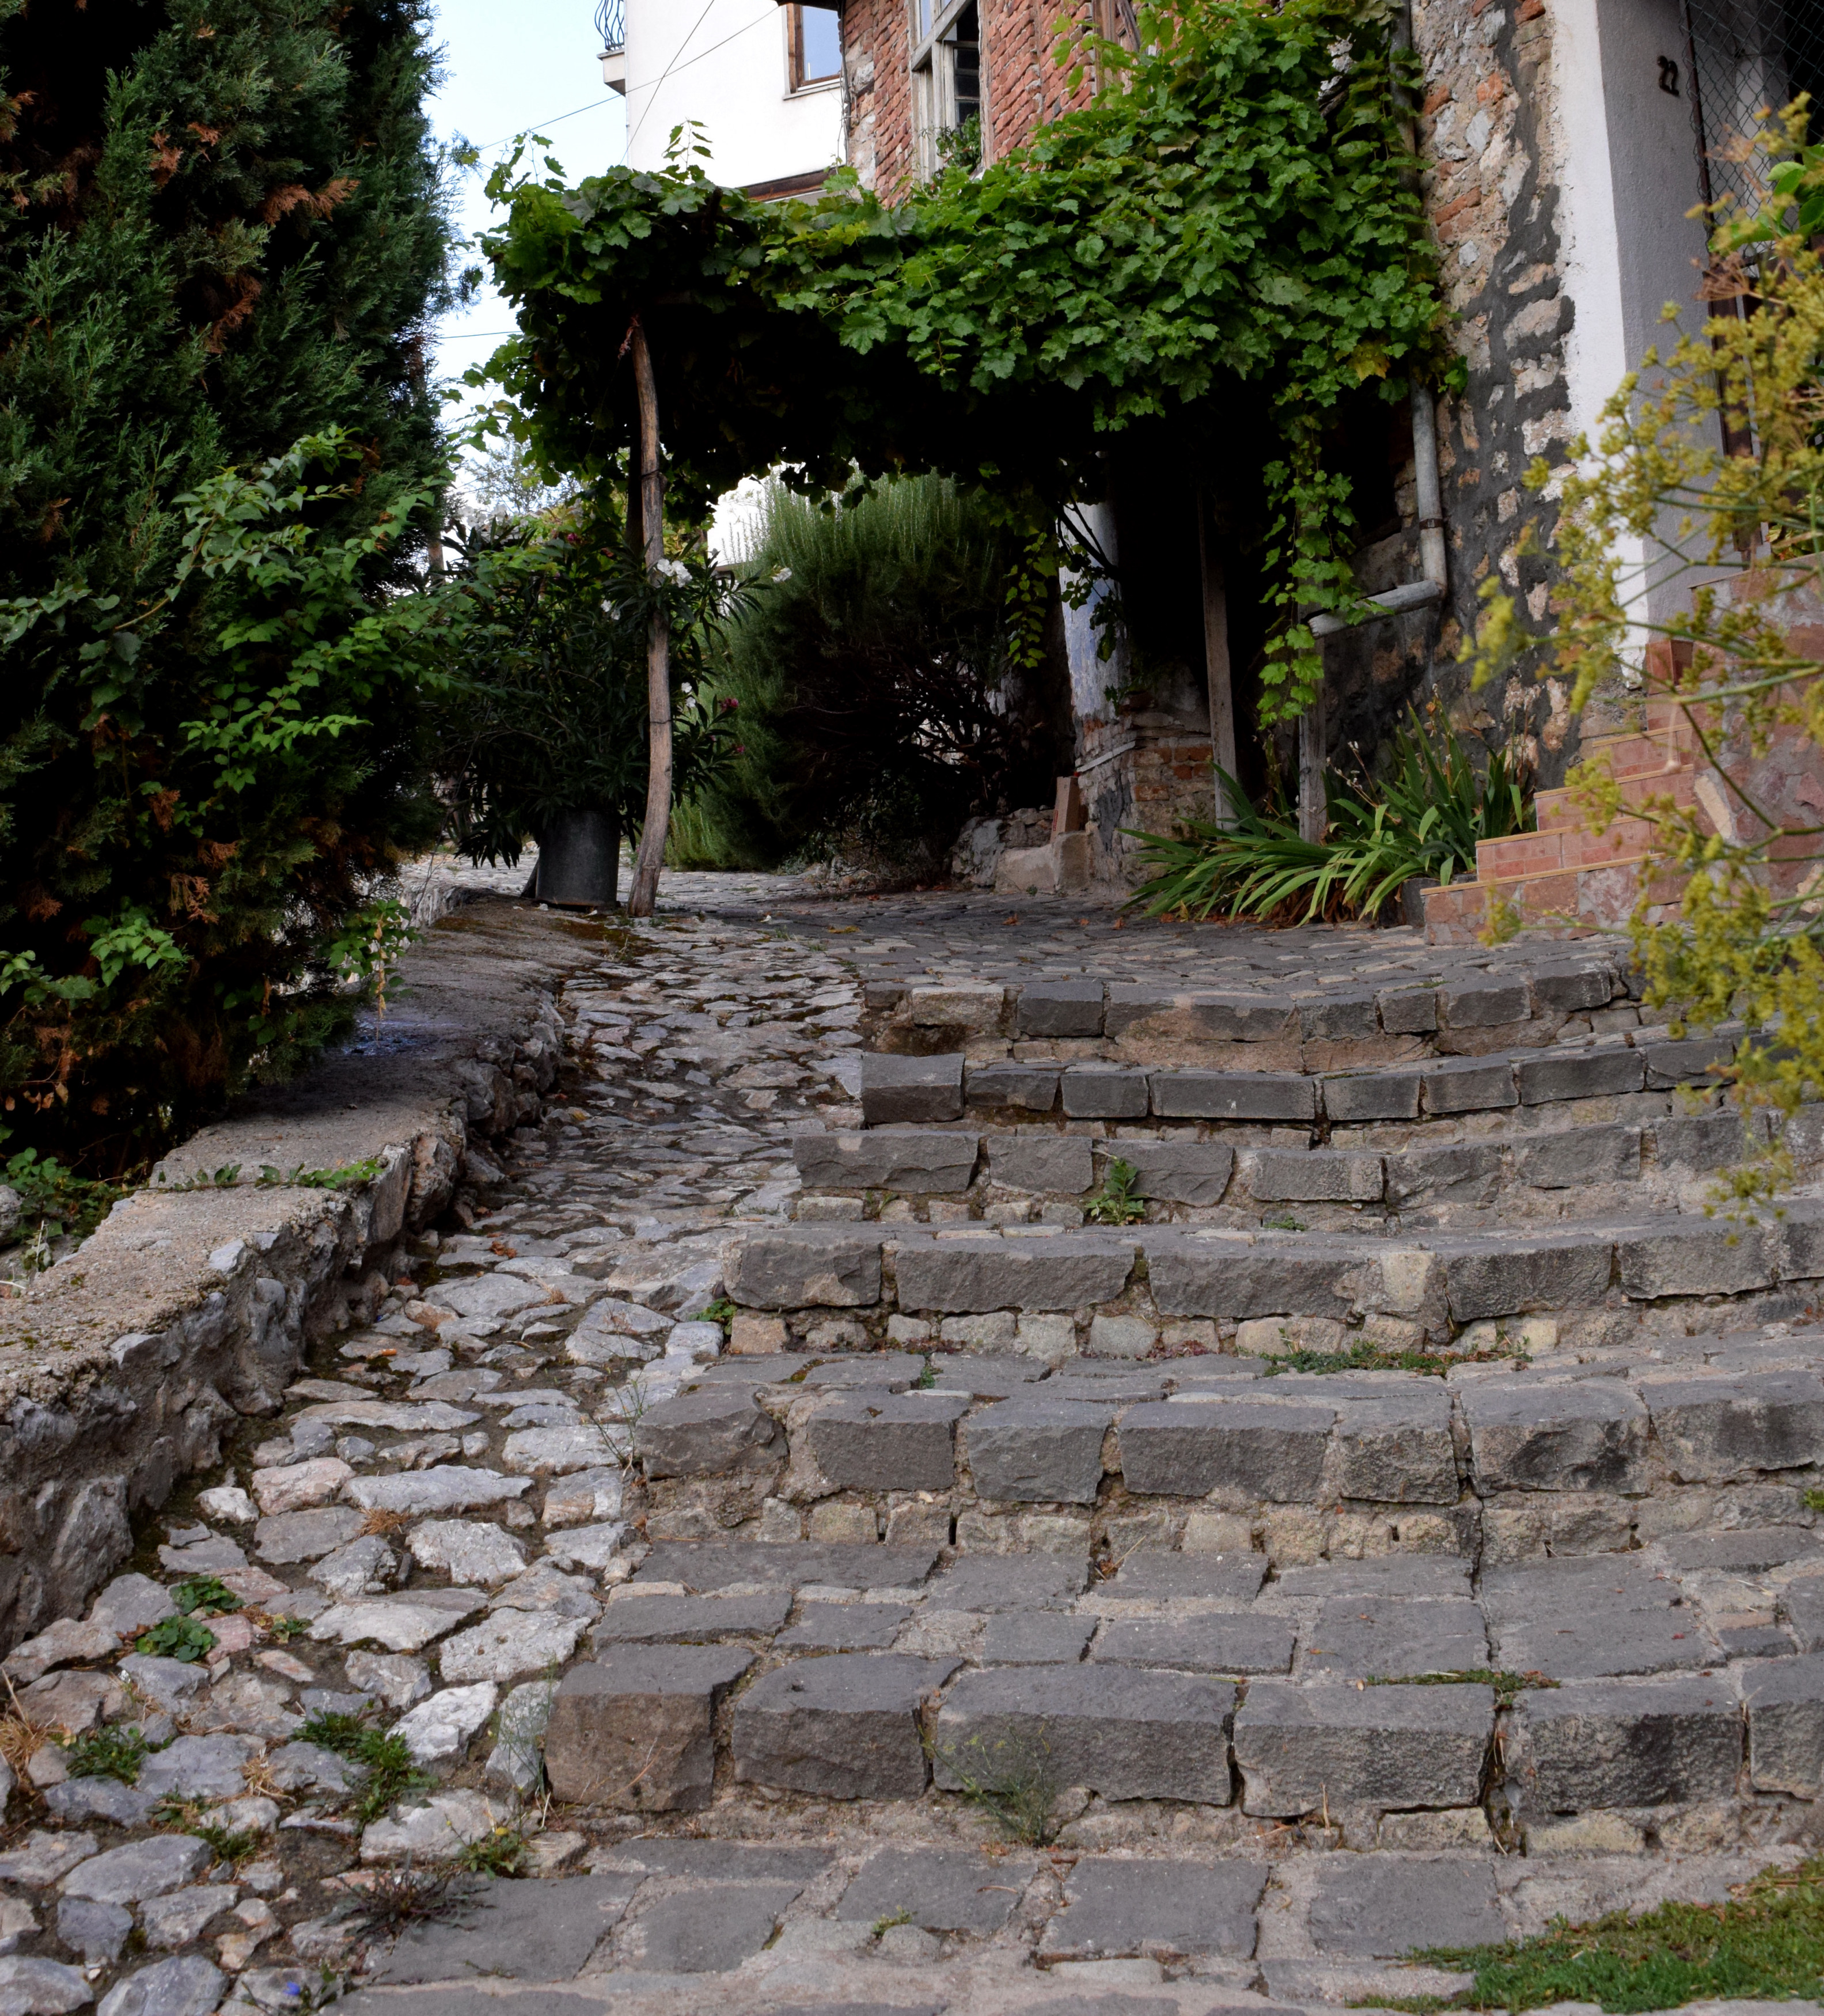 A városkép szerves részét képezik az utcák, vagy udvarok felett futtatott szőlők, kivi növények.